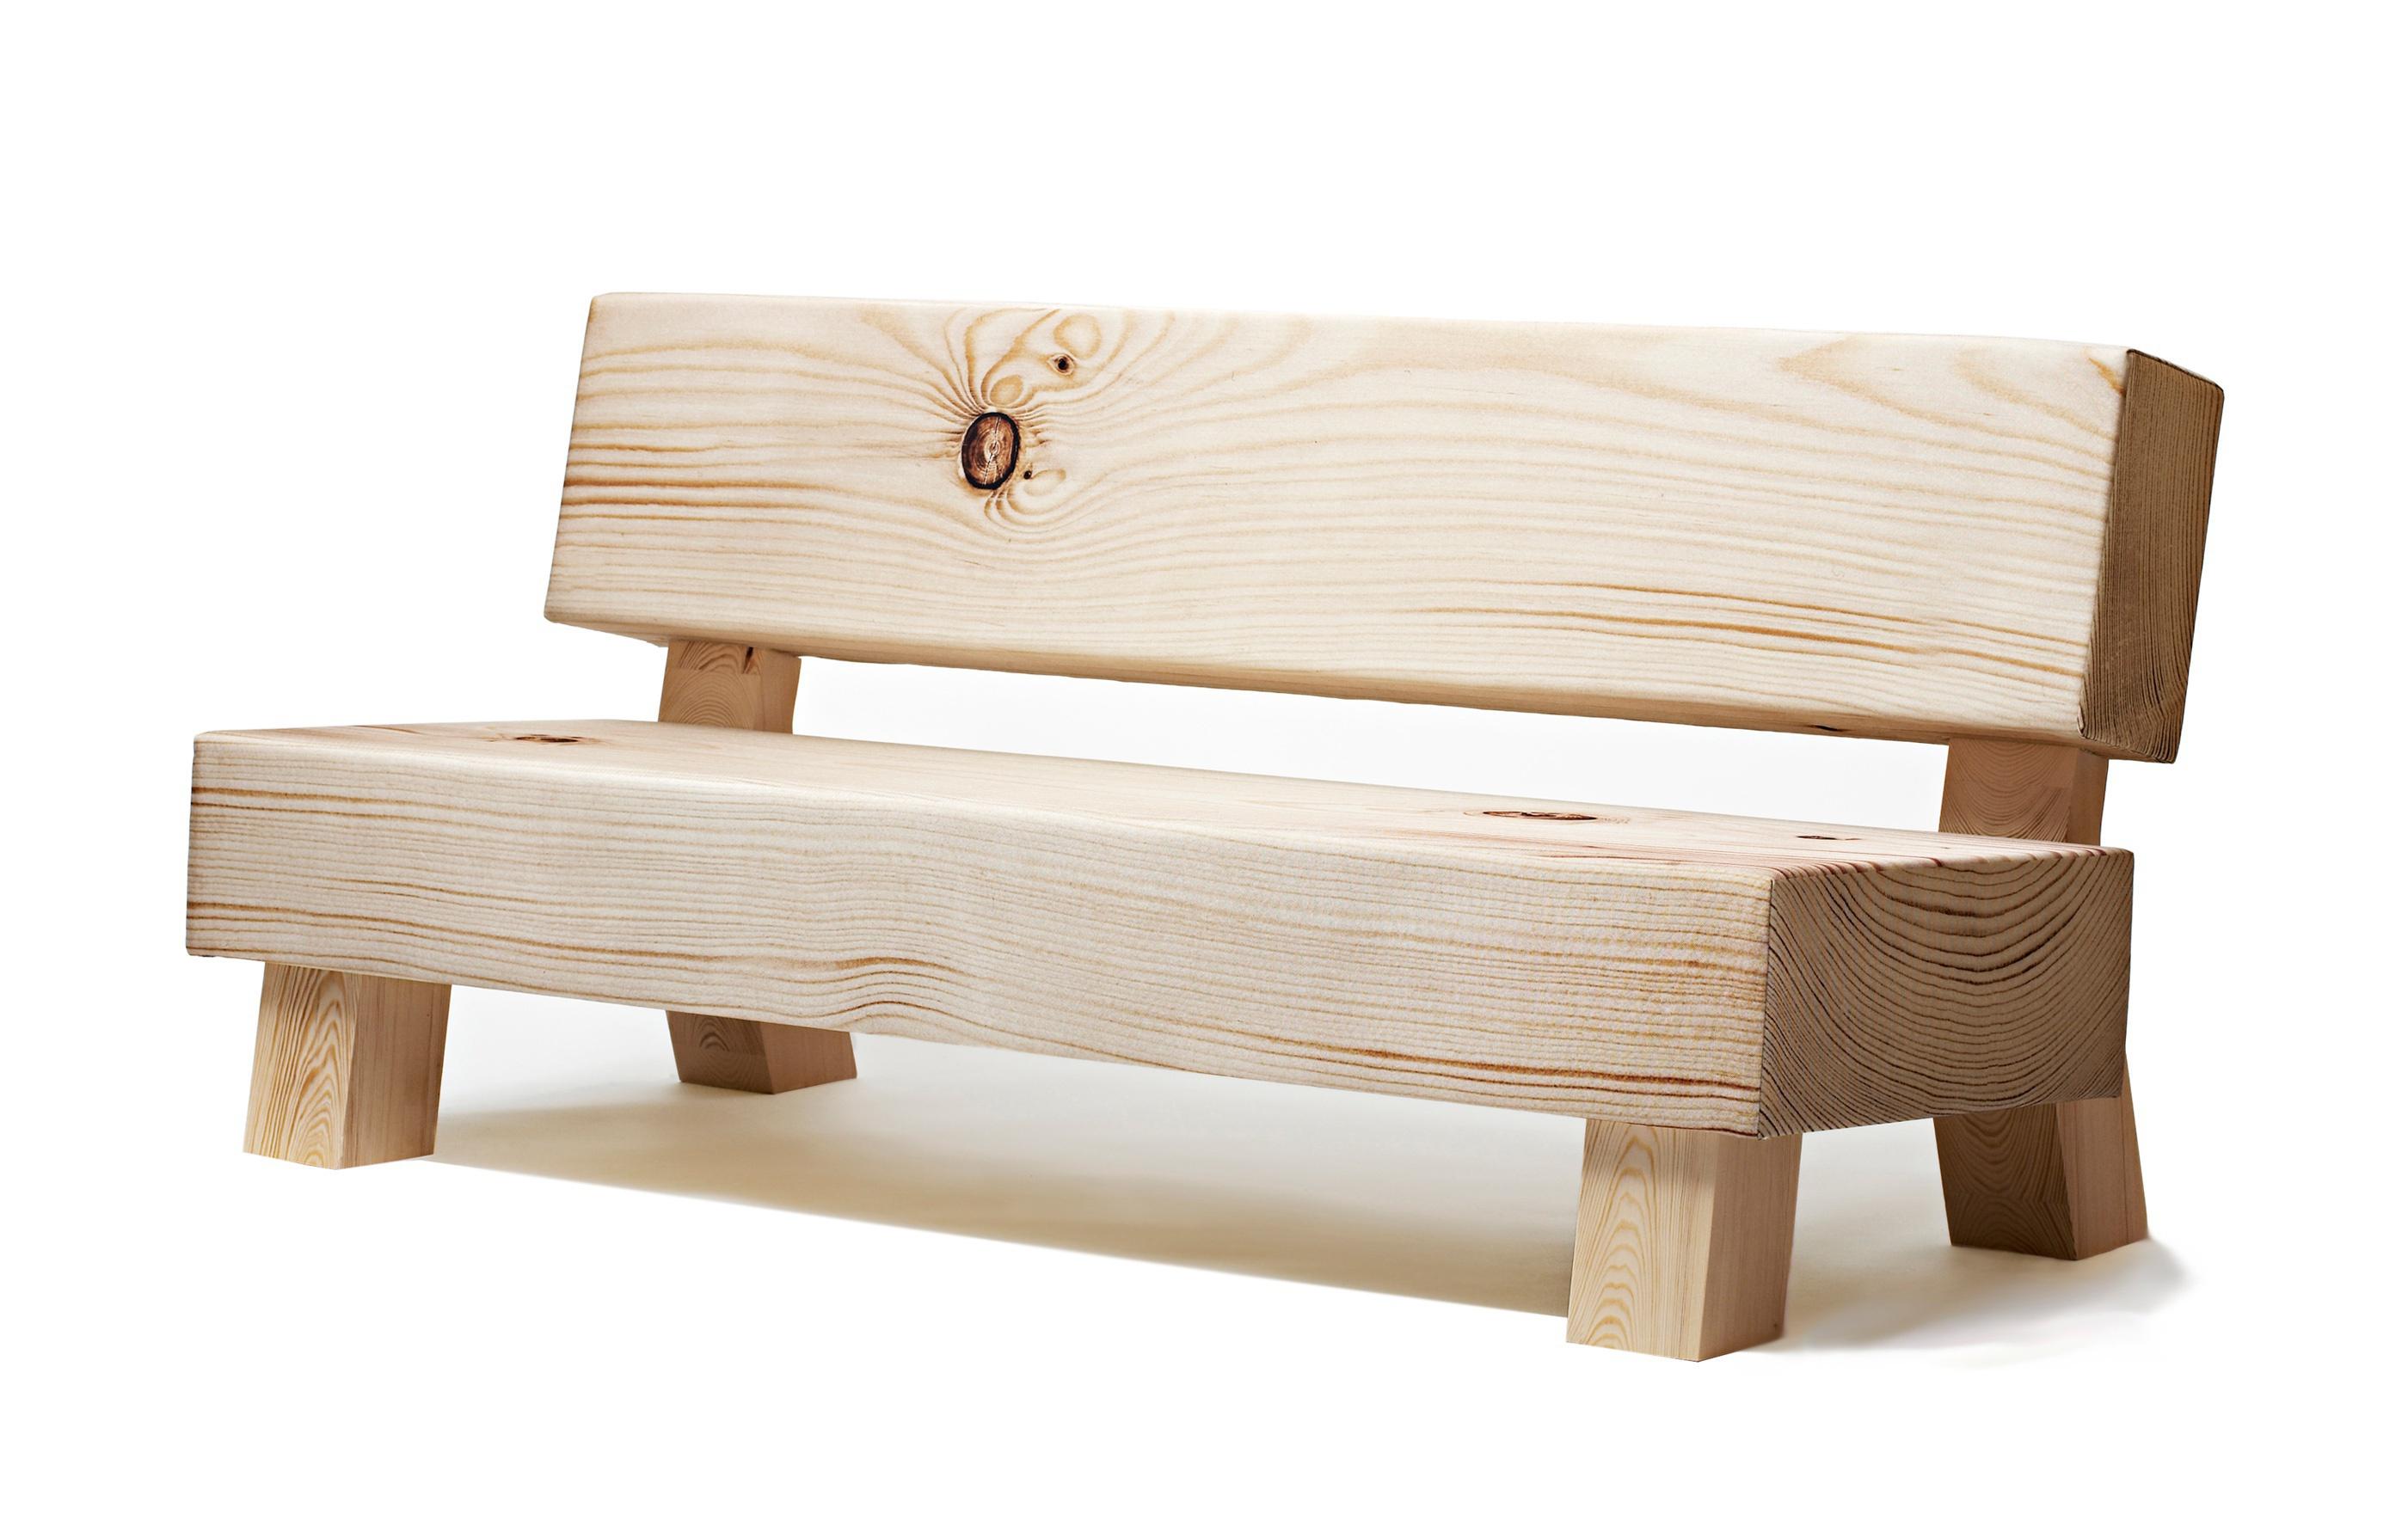 Modern Furniture Canada  Contemporary retro rustic and